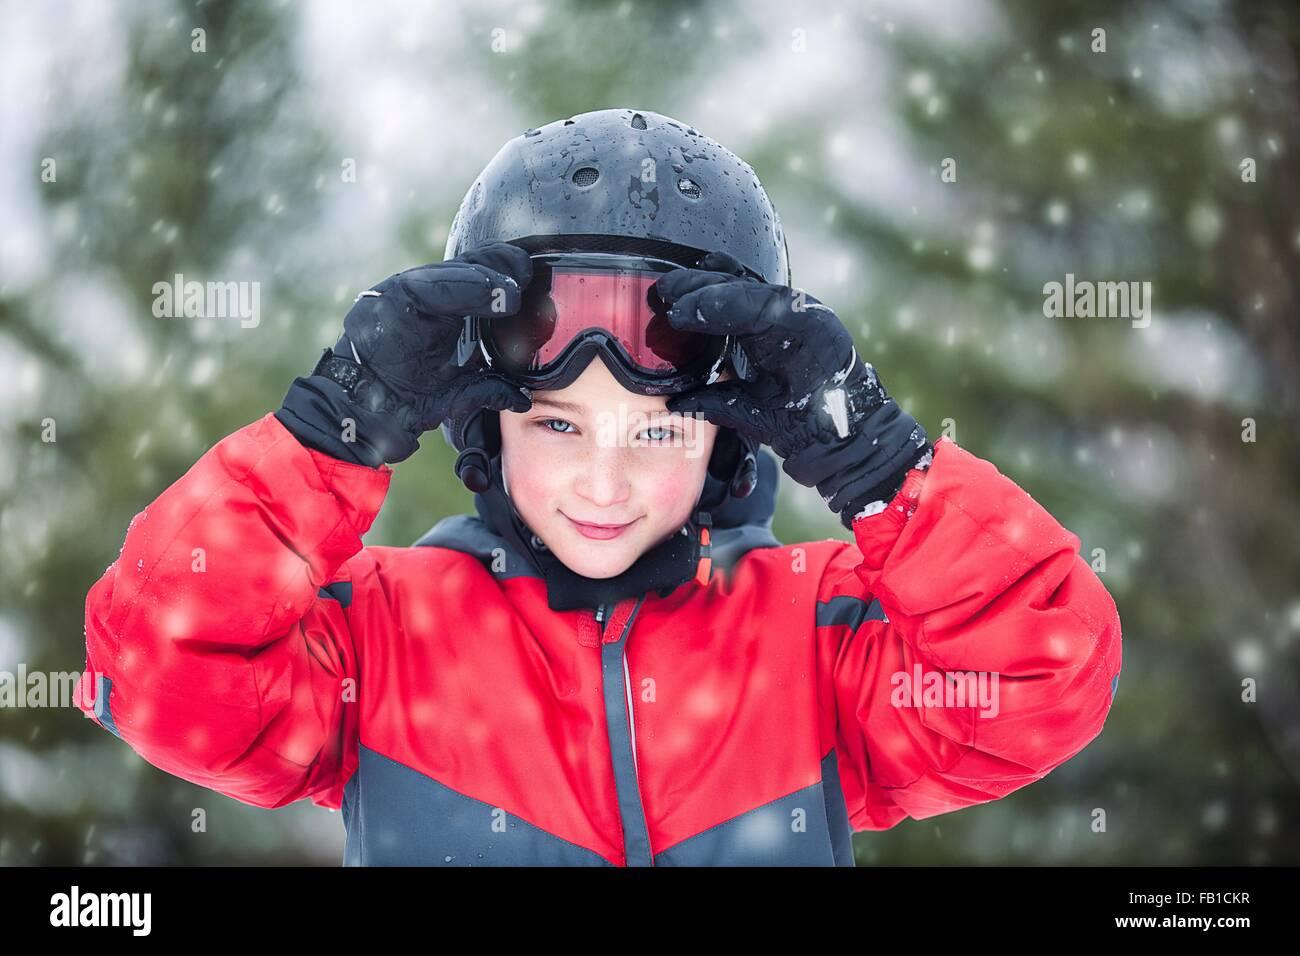 Boy wearing helmet et le ski nocturne à la caméra en souriant, neige Photo Stock